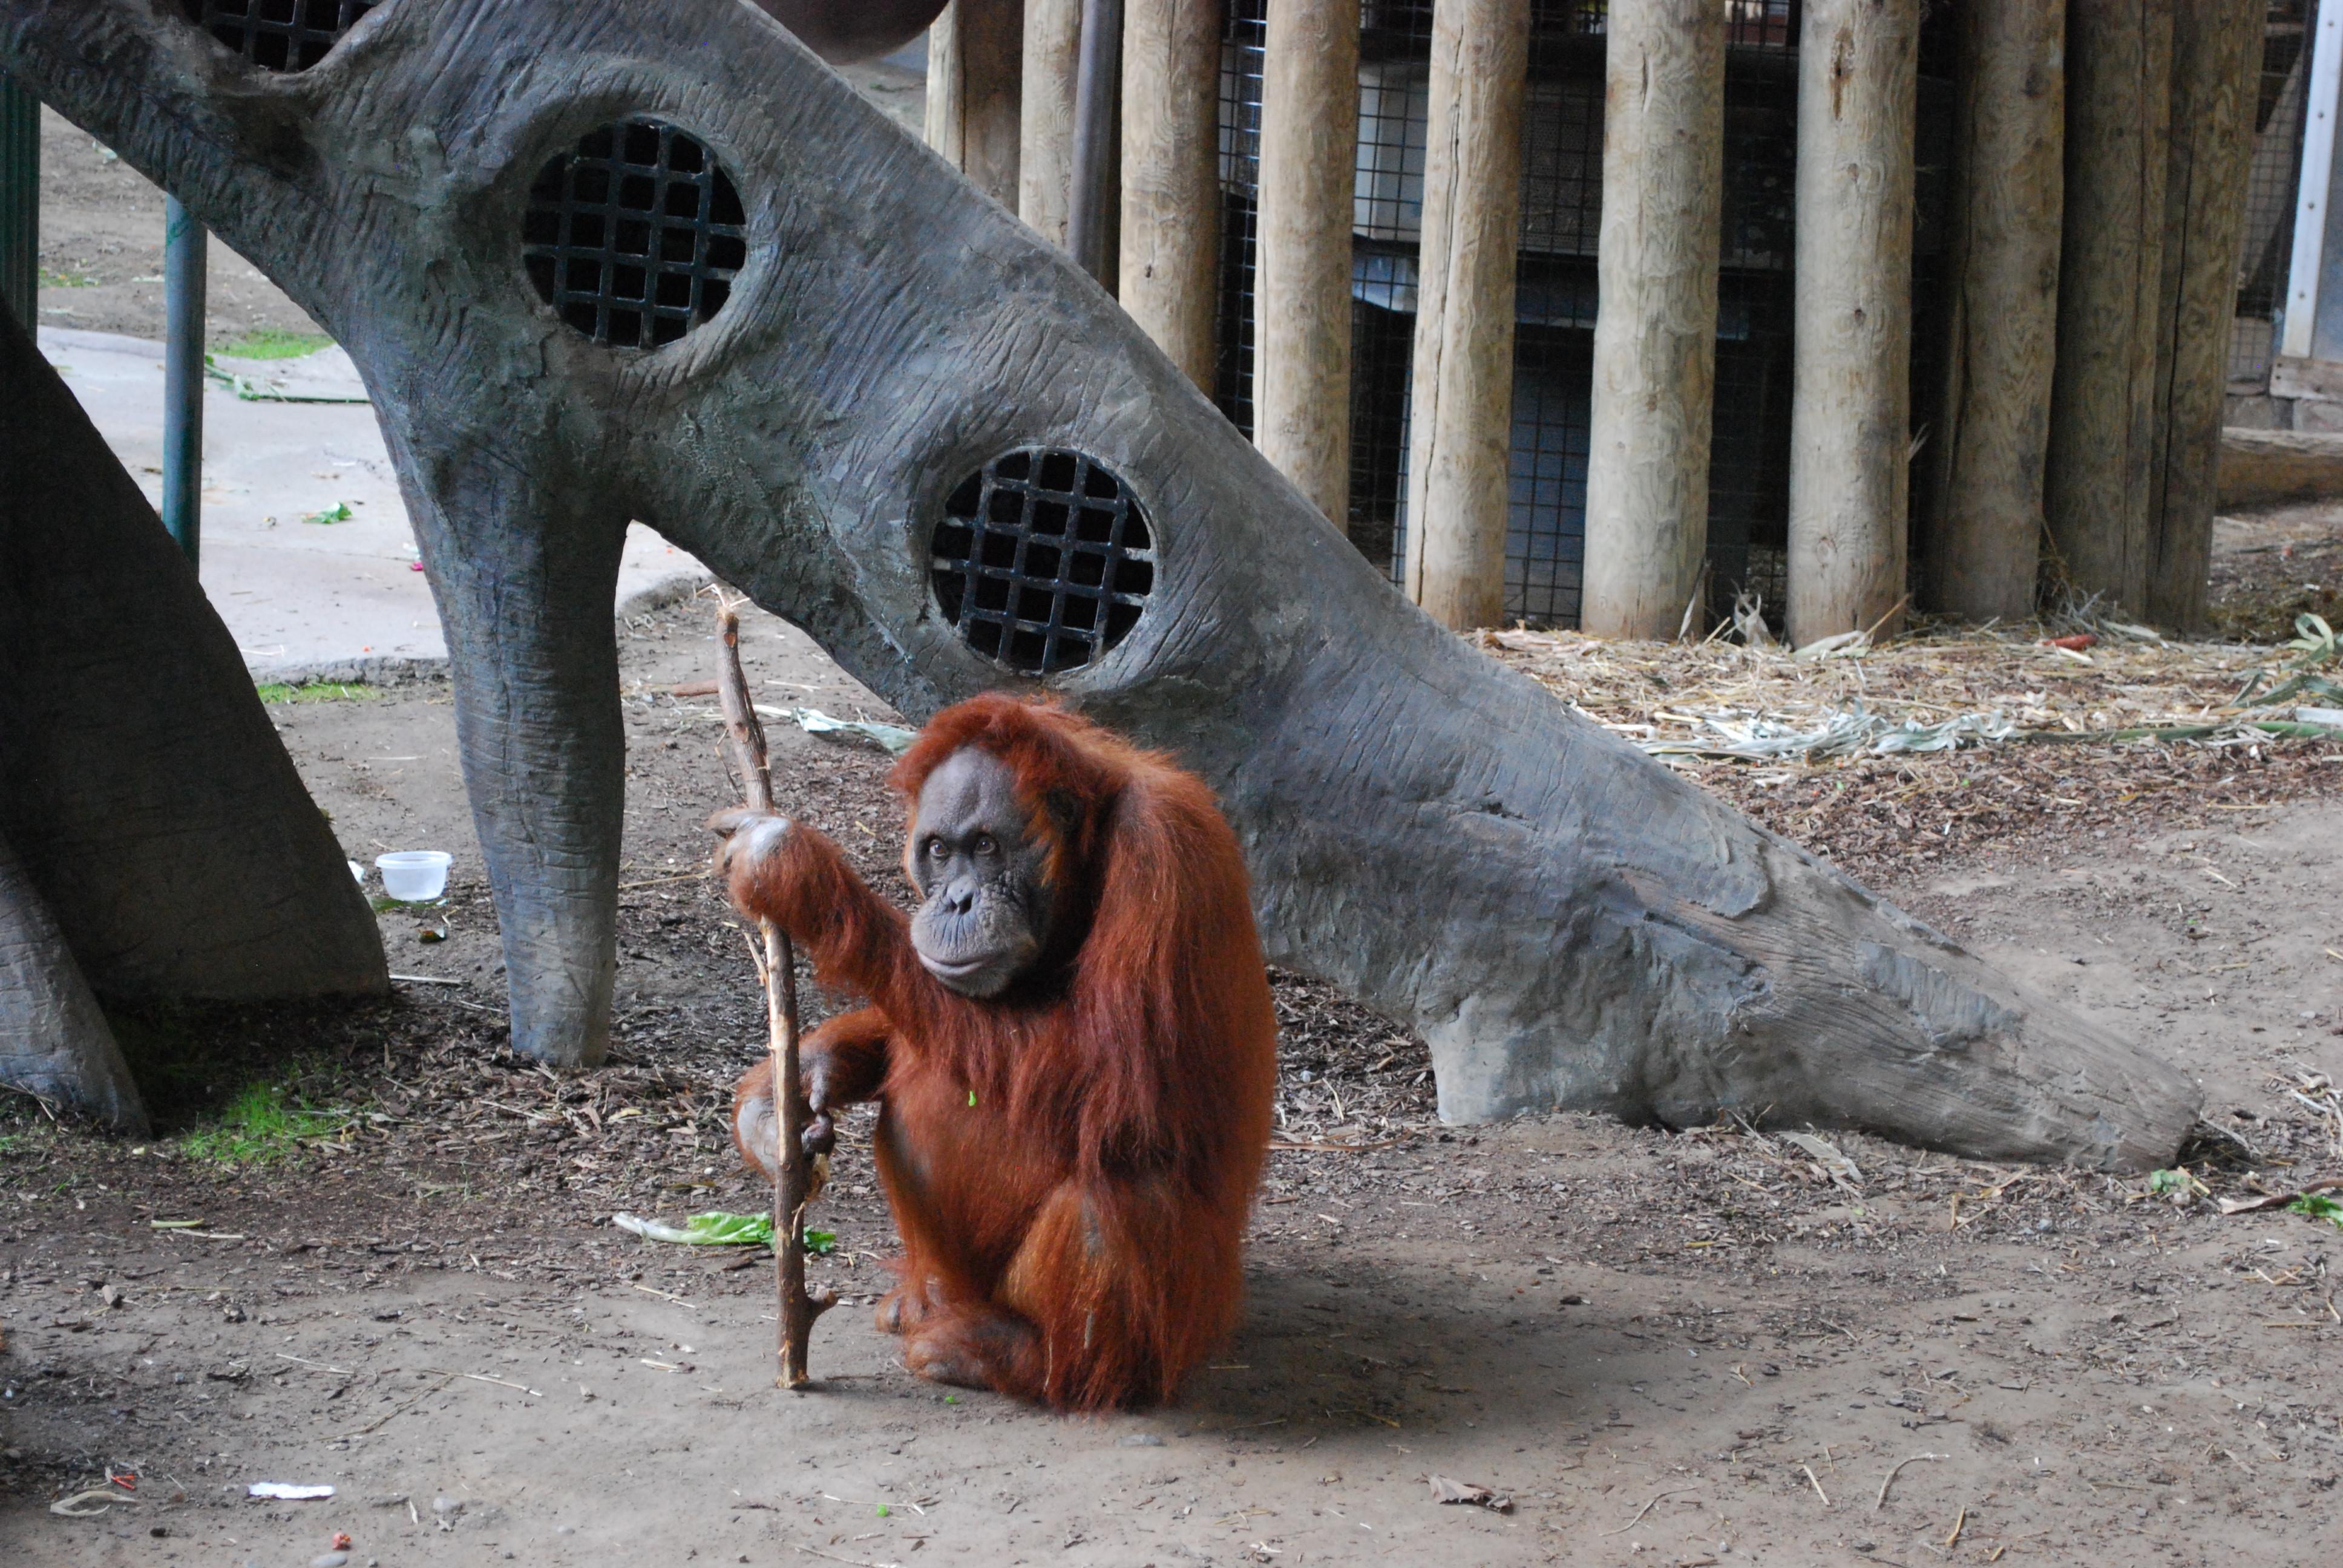 An Orangutan at the Toronto Zoo.